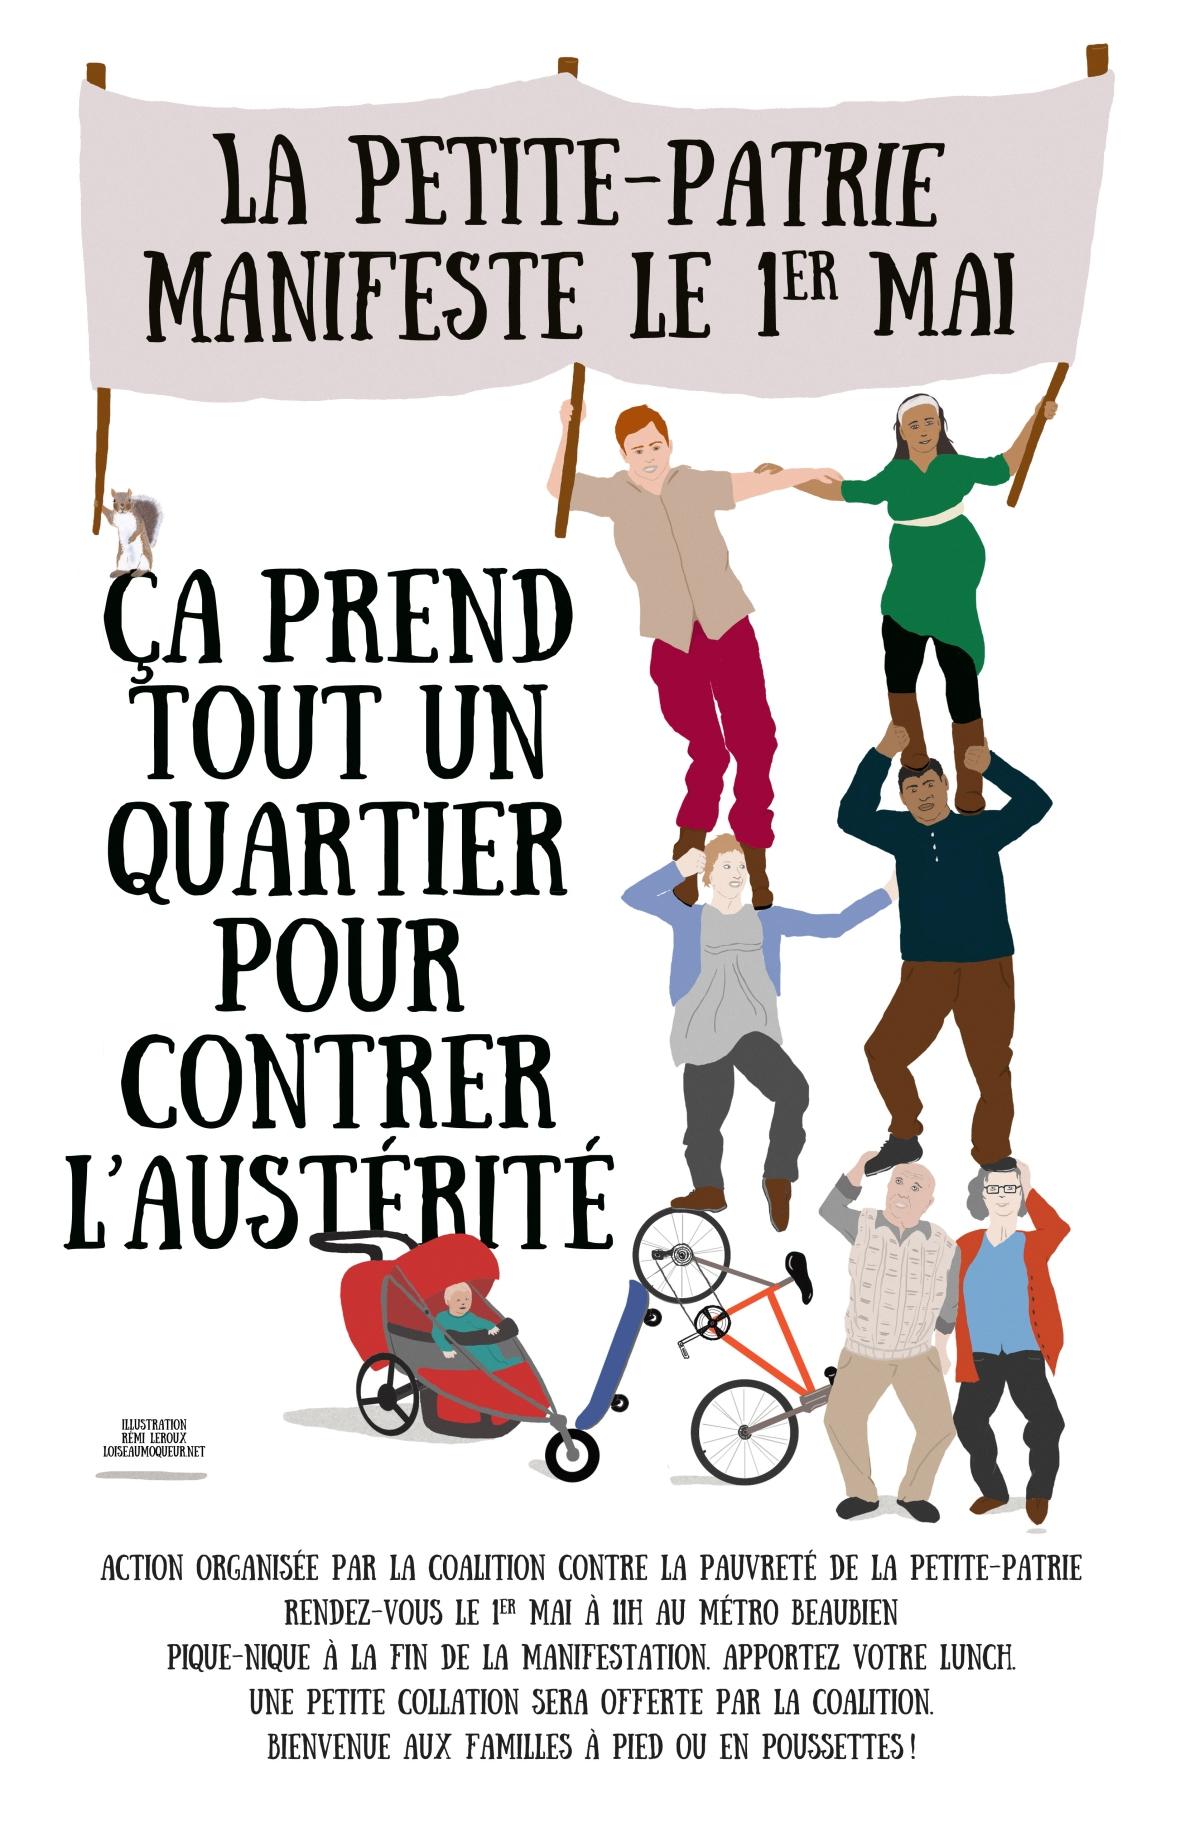 Manifestation du 1er mai 2015 - Petite-Patrie - Montréal - Québec